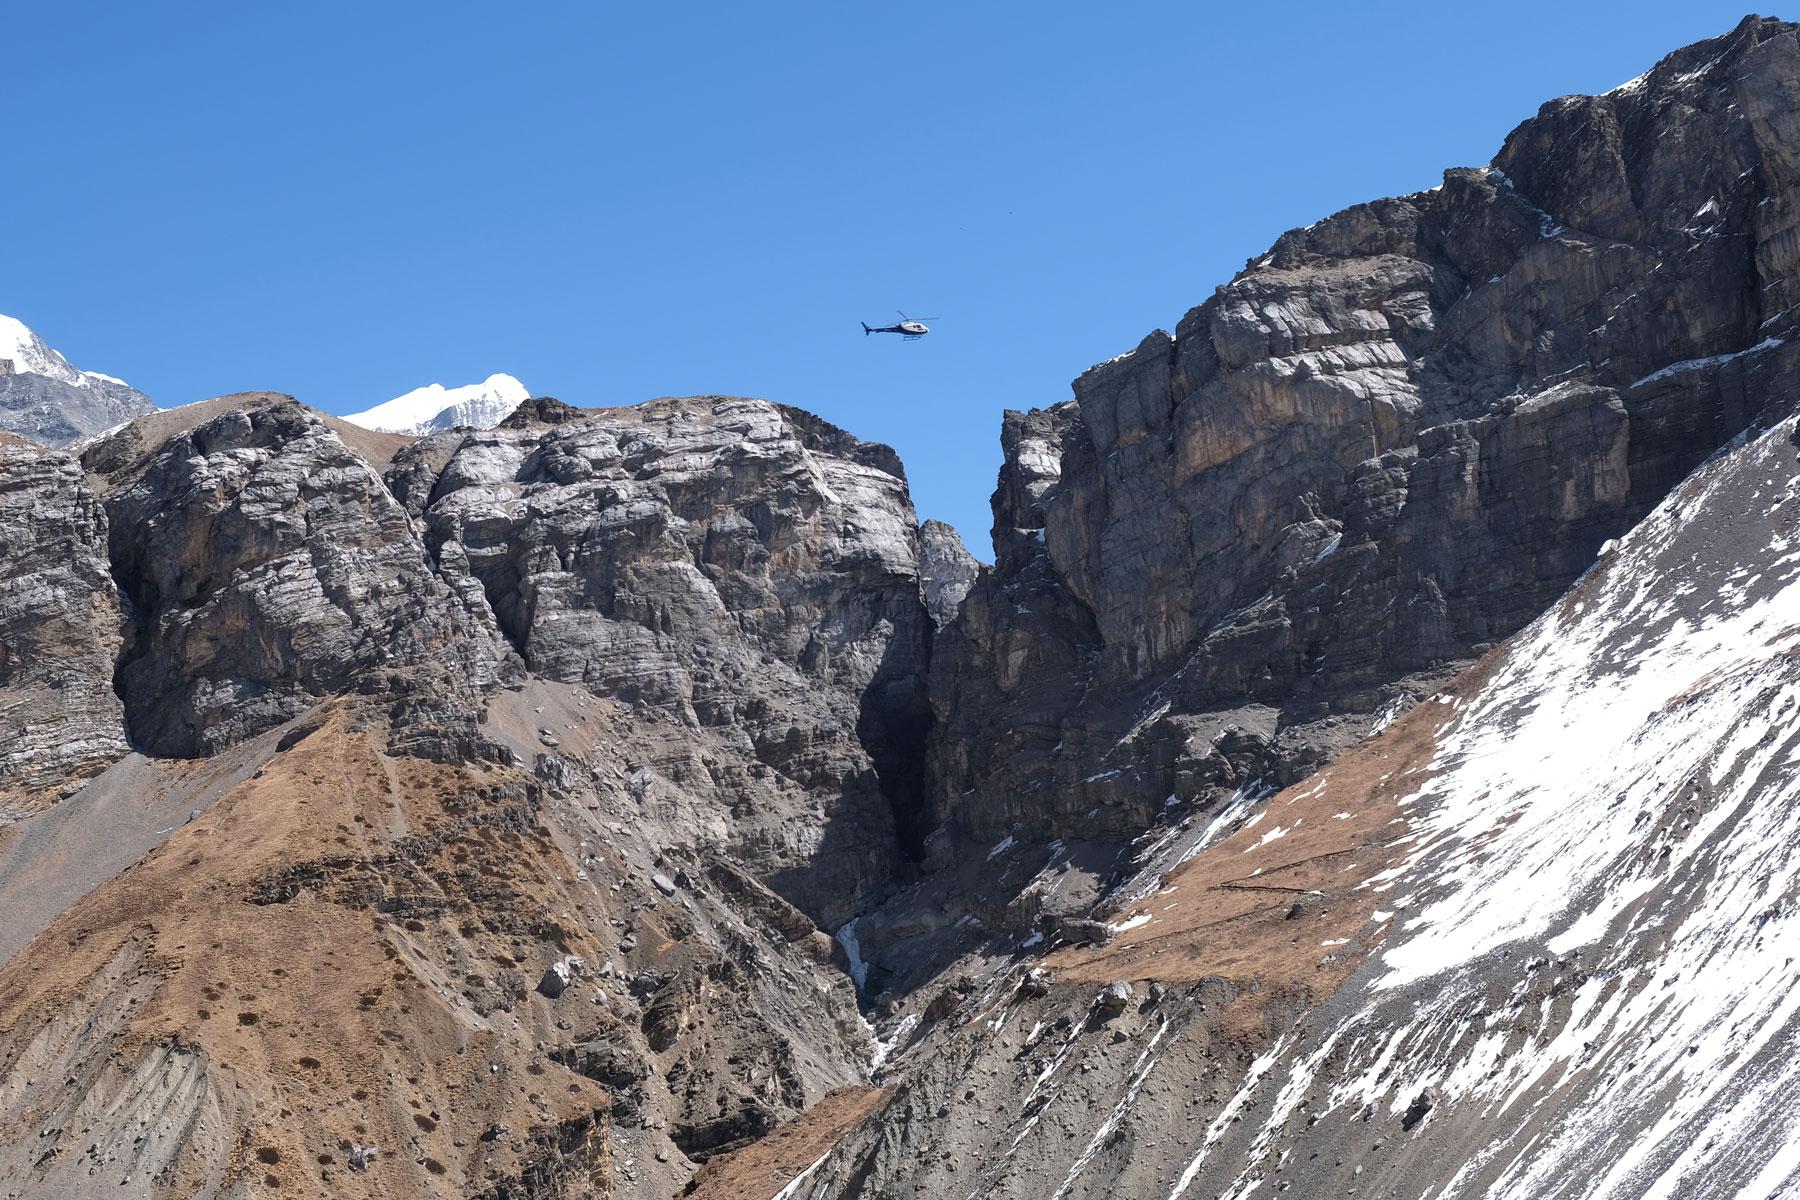 Ein Hubschrauber fliegt über den Bergen des Annapurna Circuit.